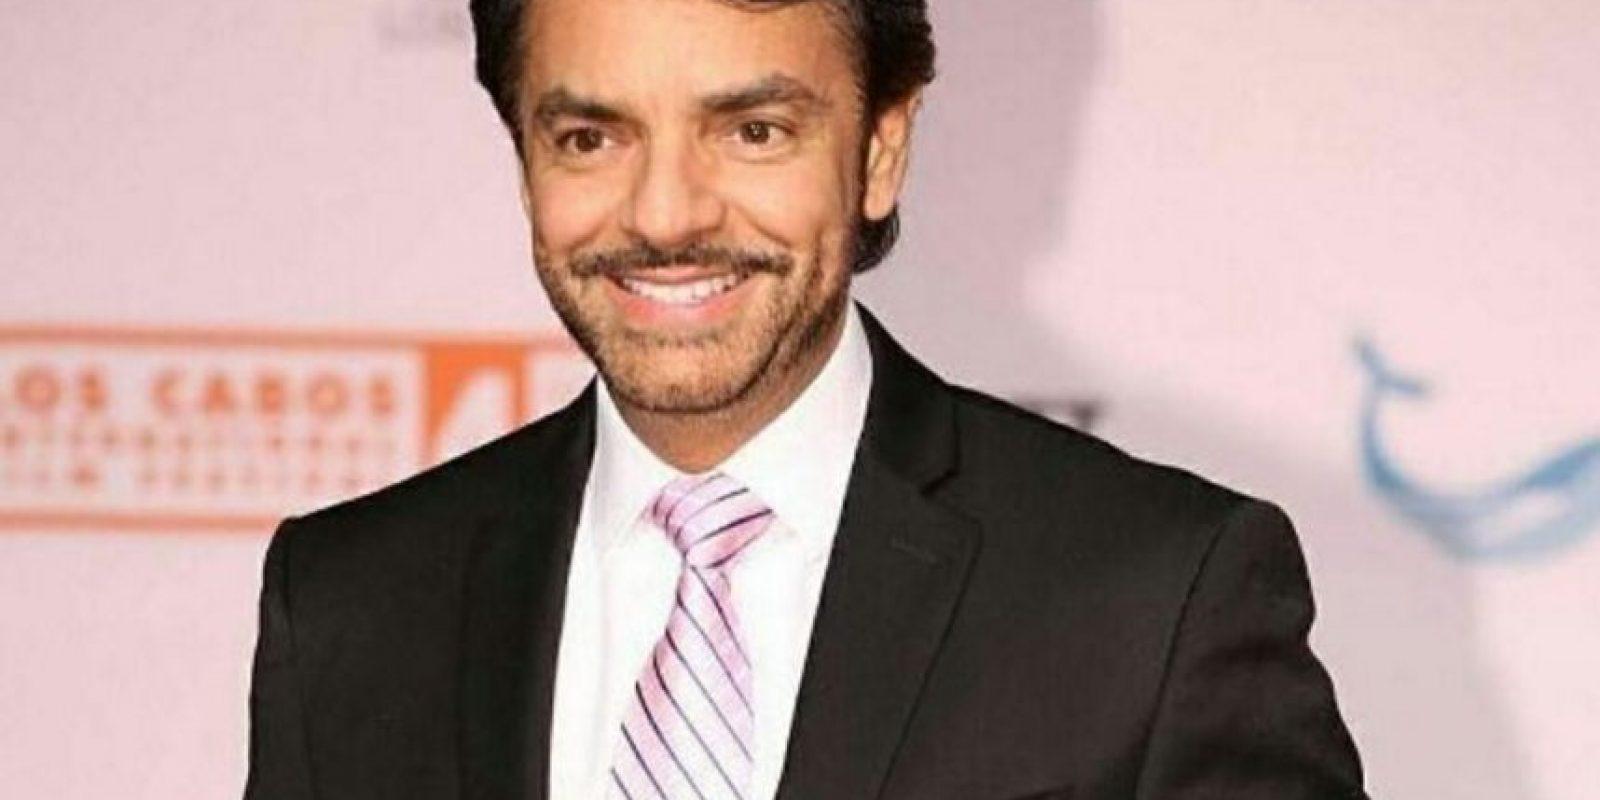 El comediante mexicano tiene 54 años Foto:Vía instagram.com/ederbez/